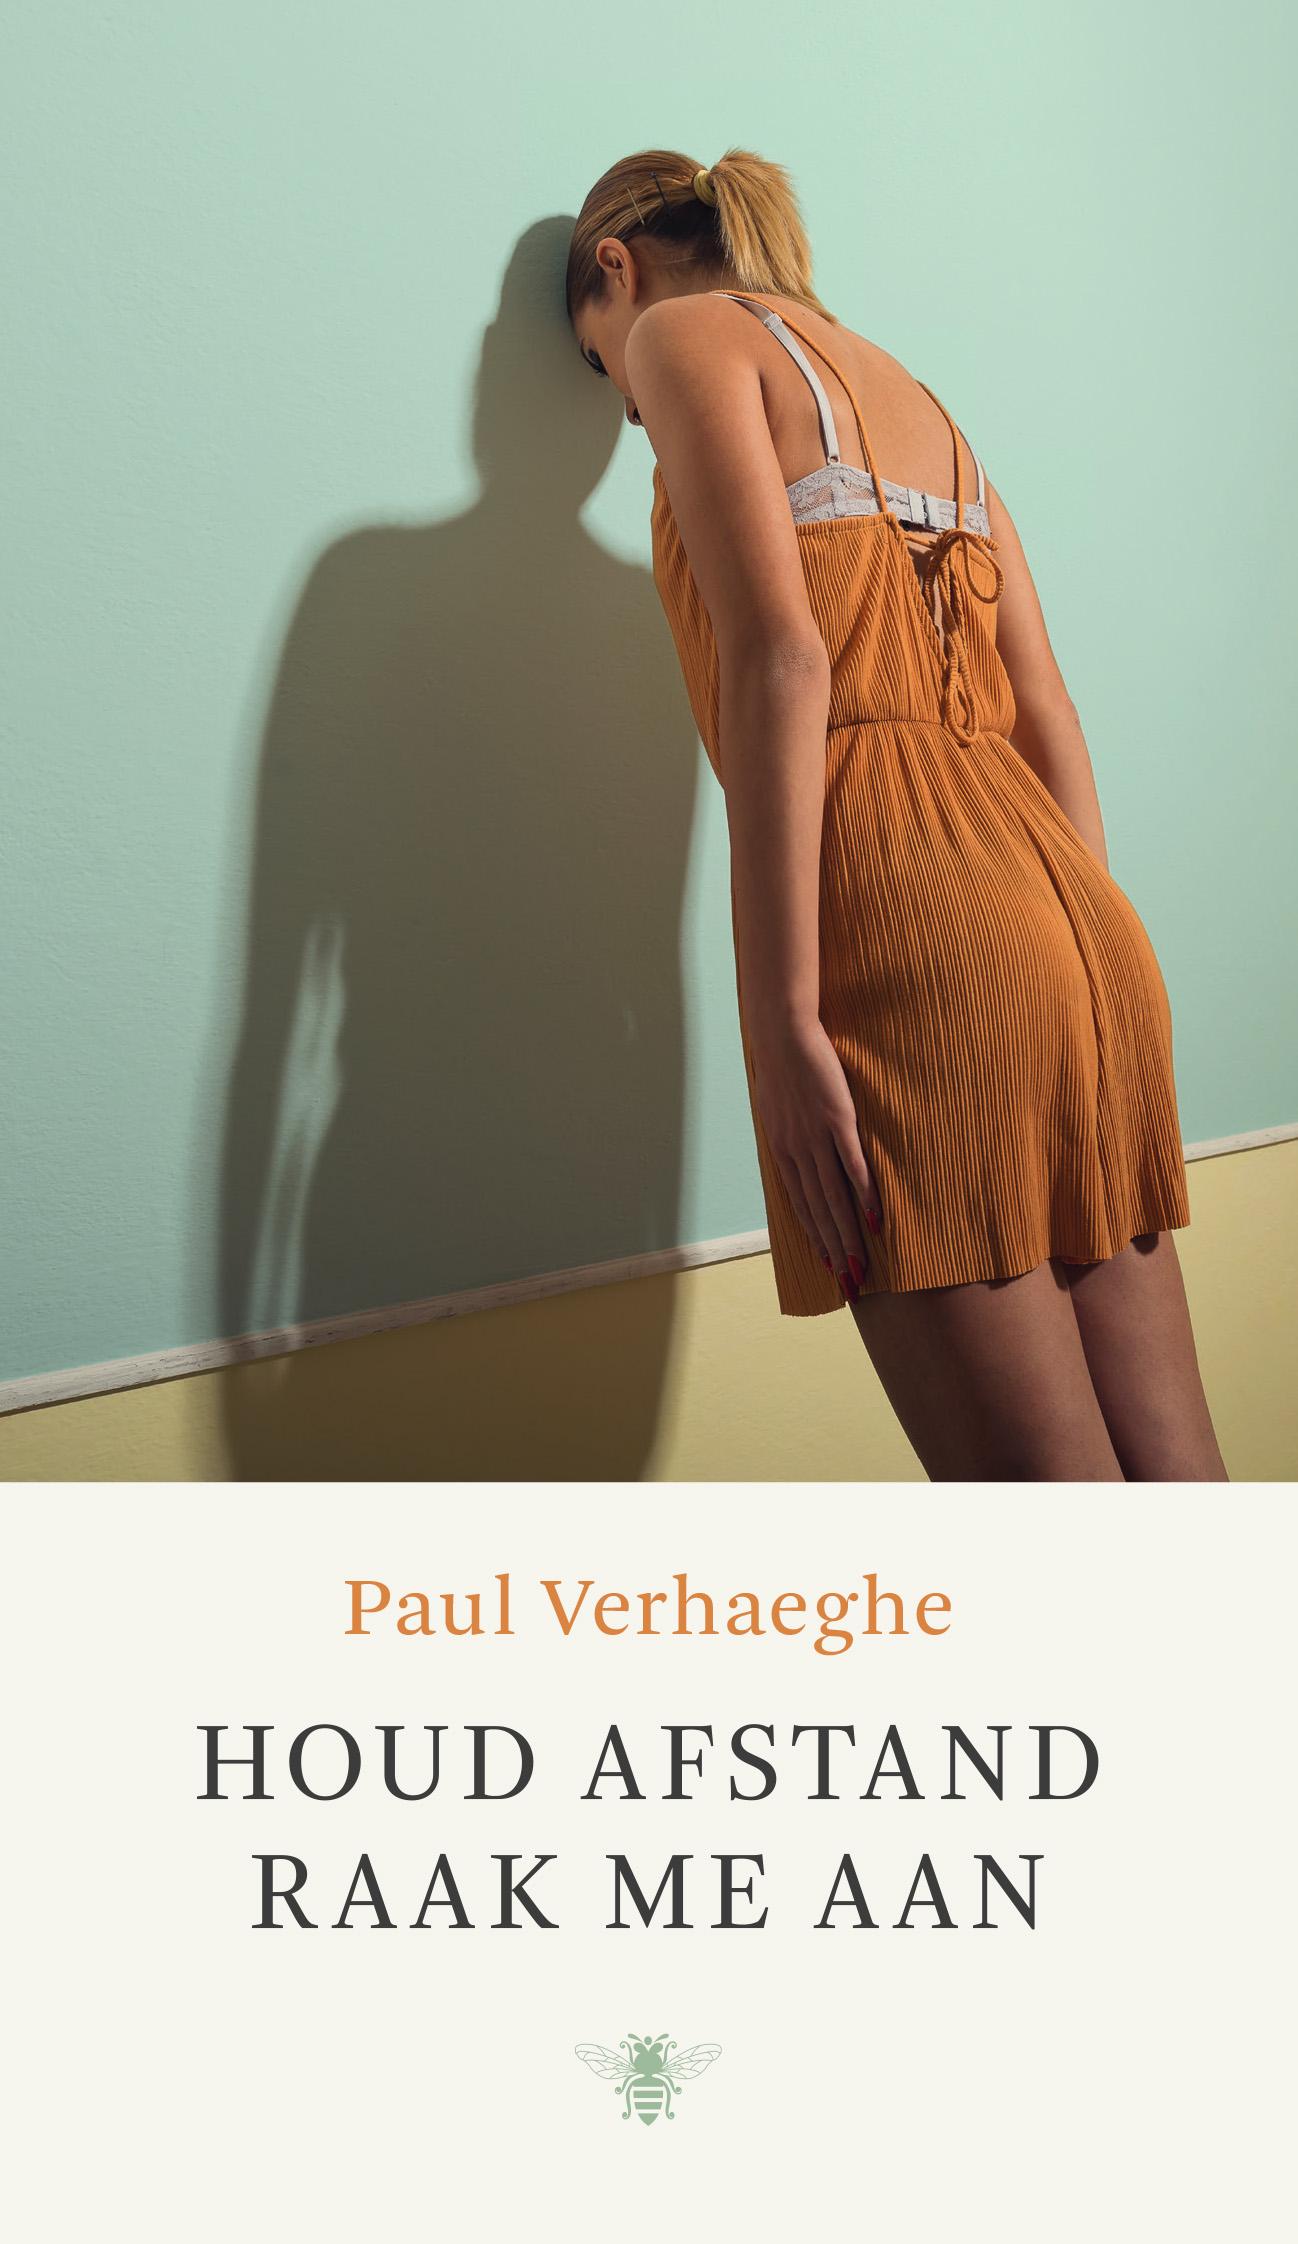 Paul Verhaeghe - Houd afstand raak me aan